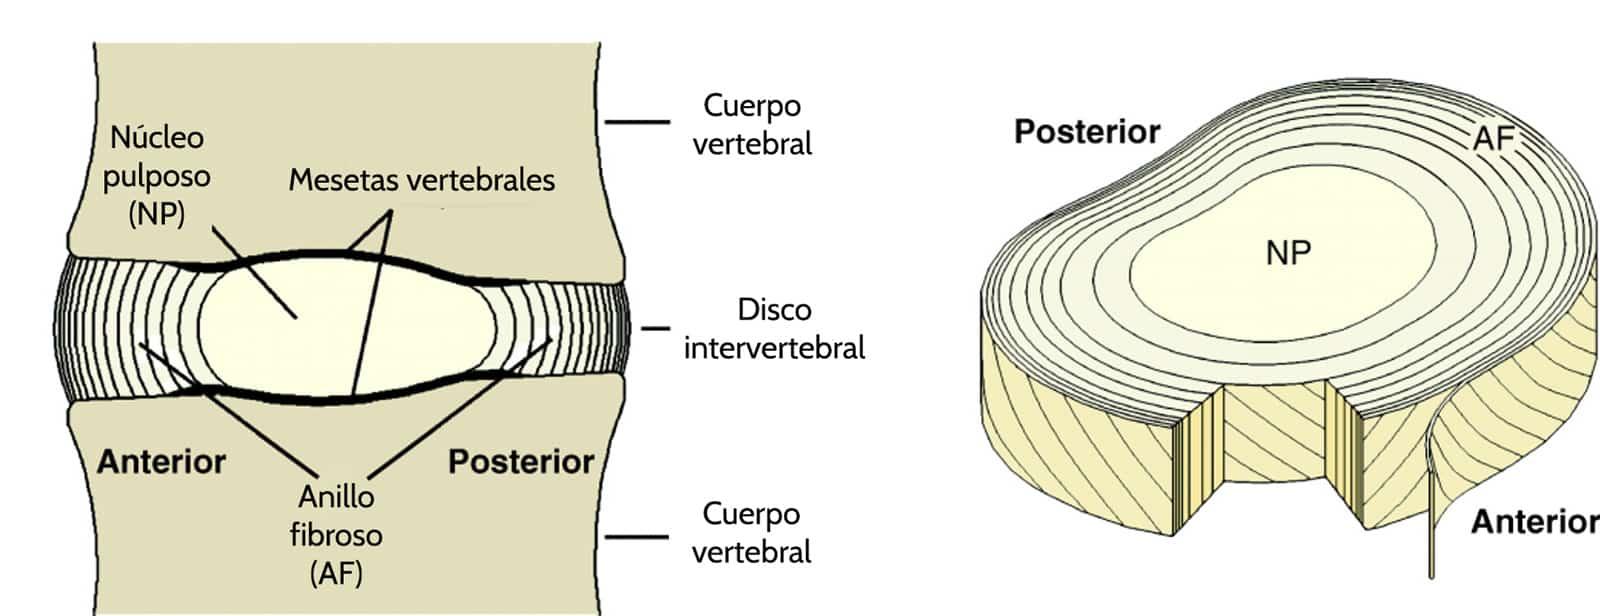 Qué es un disco intervertebral? – Curiosoando